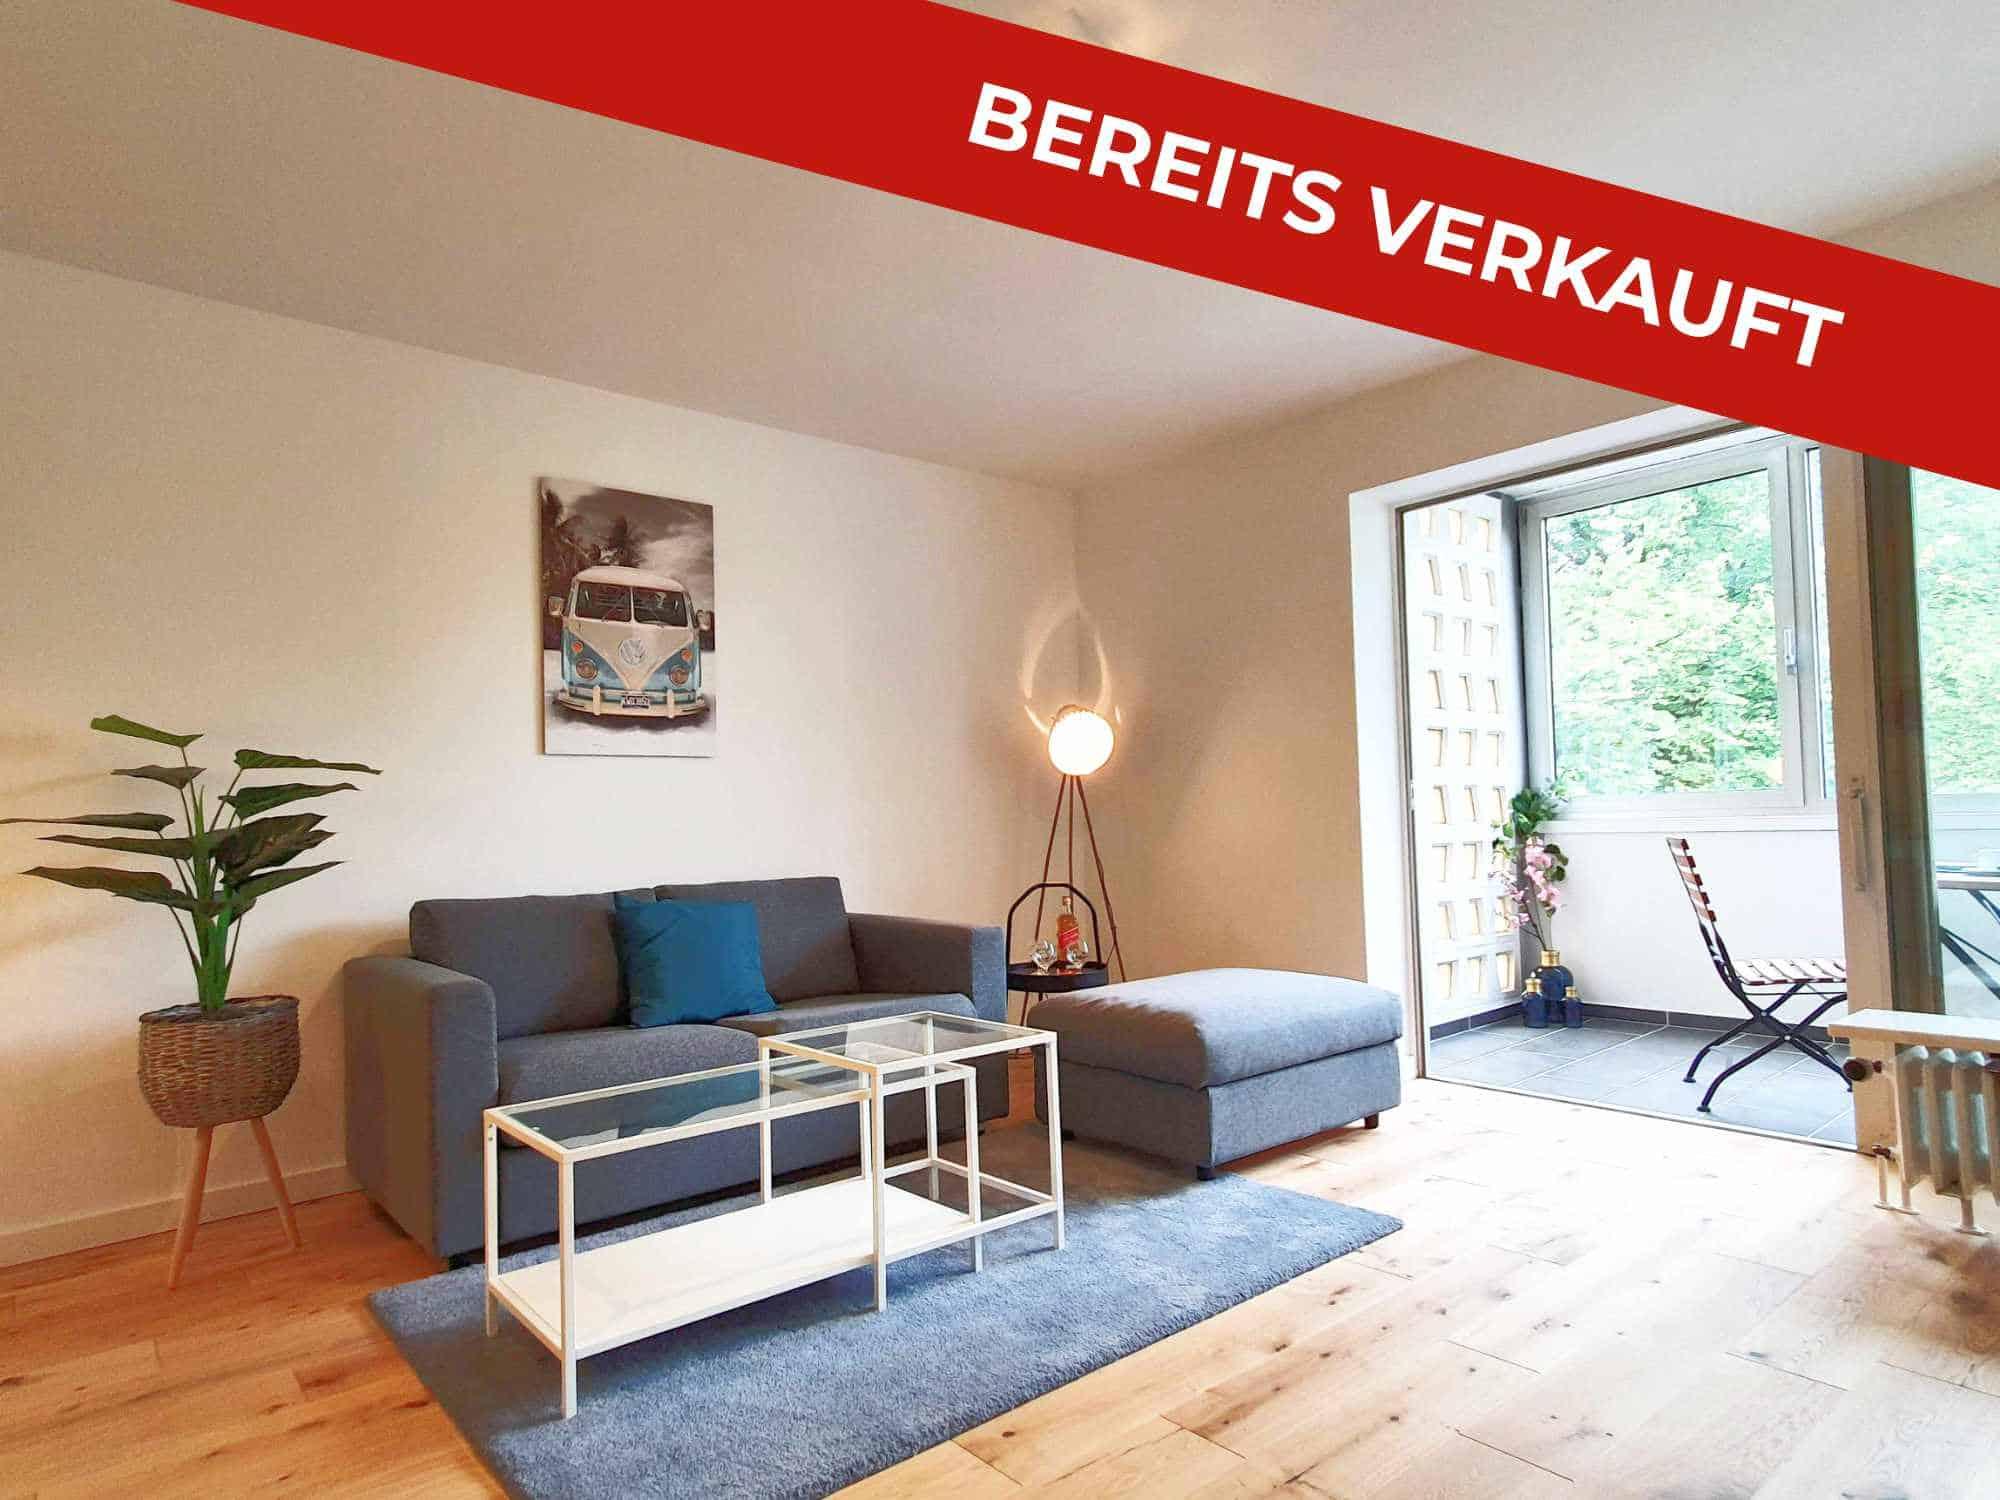 Bereits verkauft: 2 Zimmer-Wohnung Eppendorf